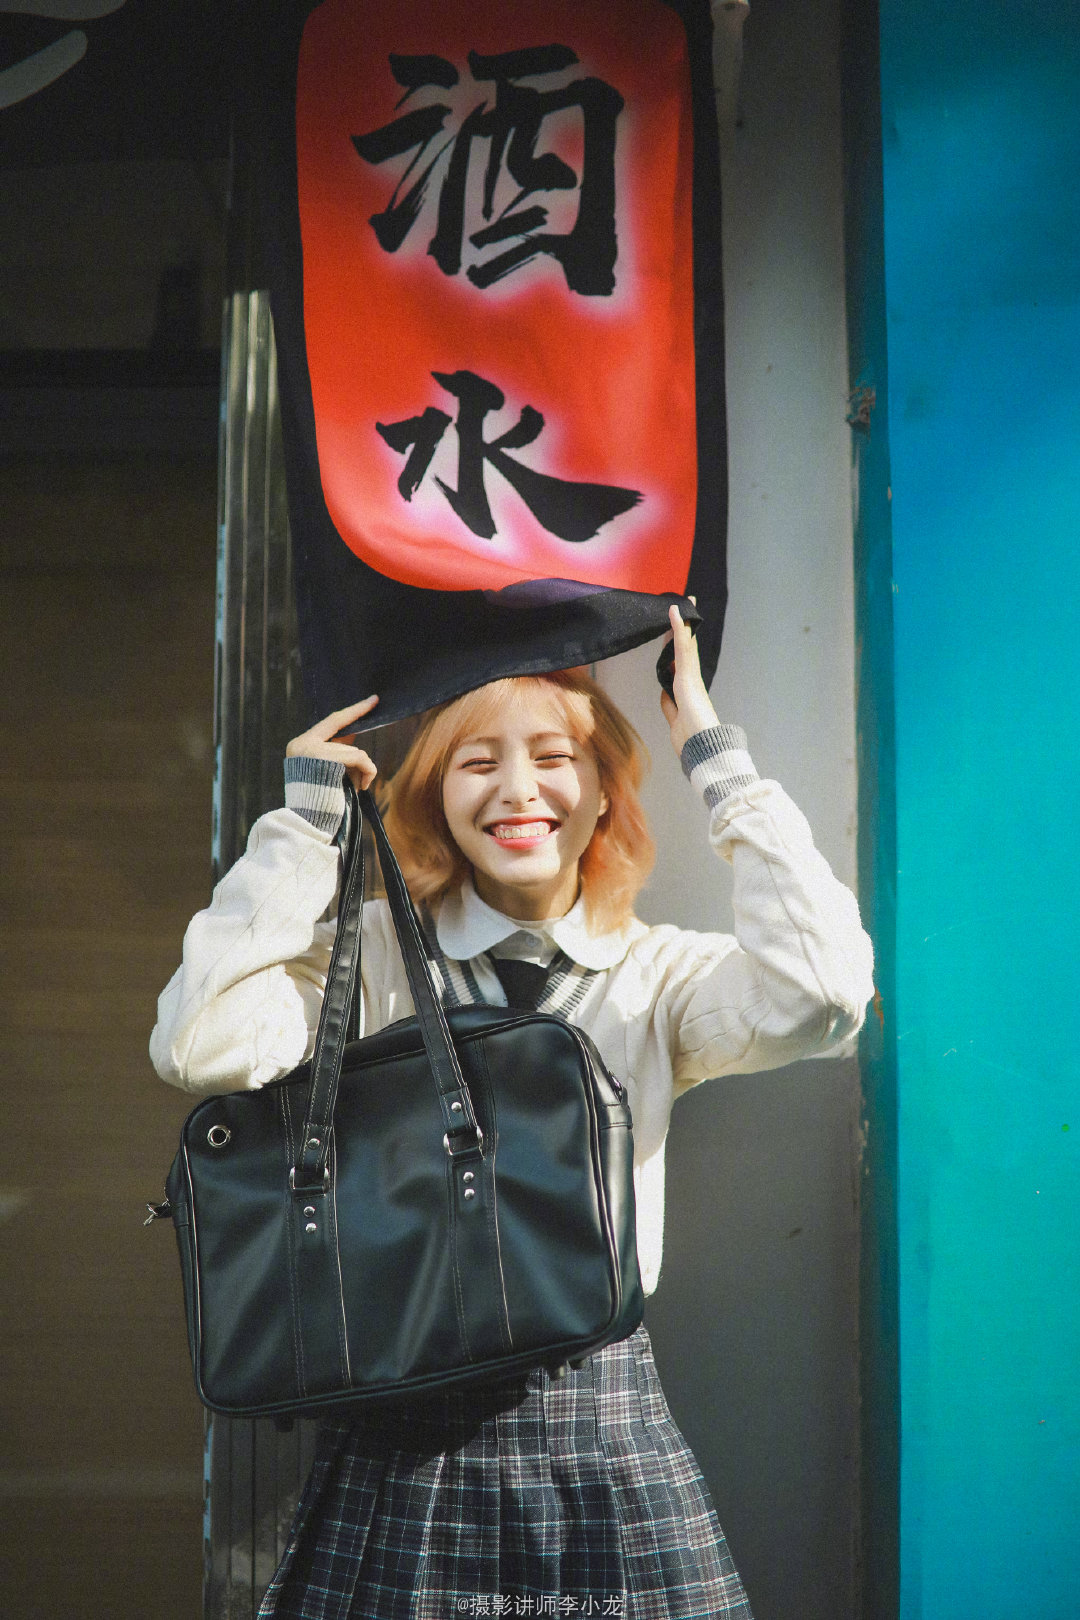 笑的正甜的女孩子 @摄影讲师李小龙